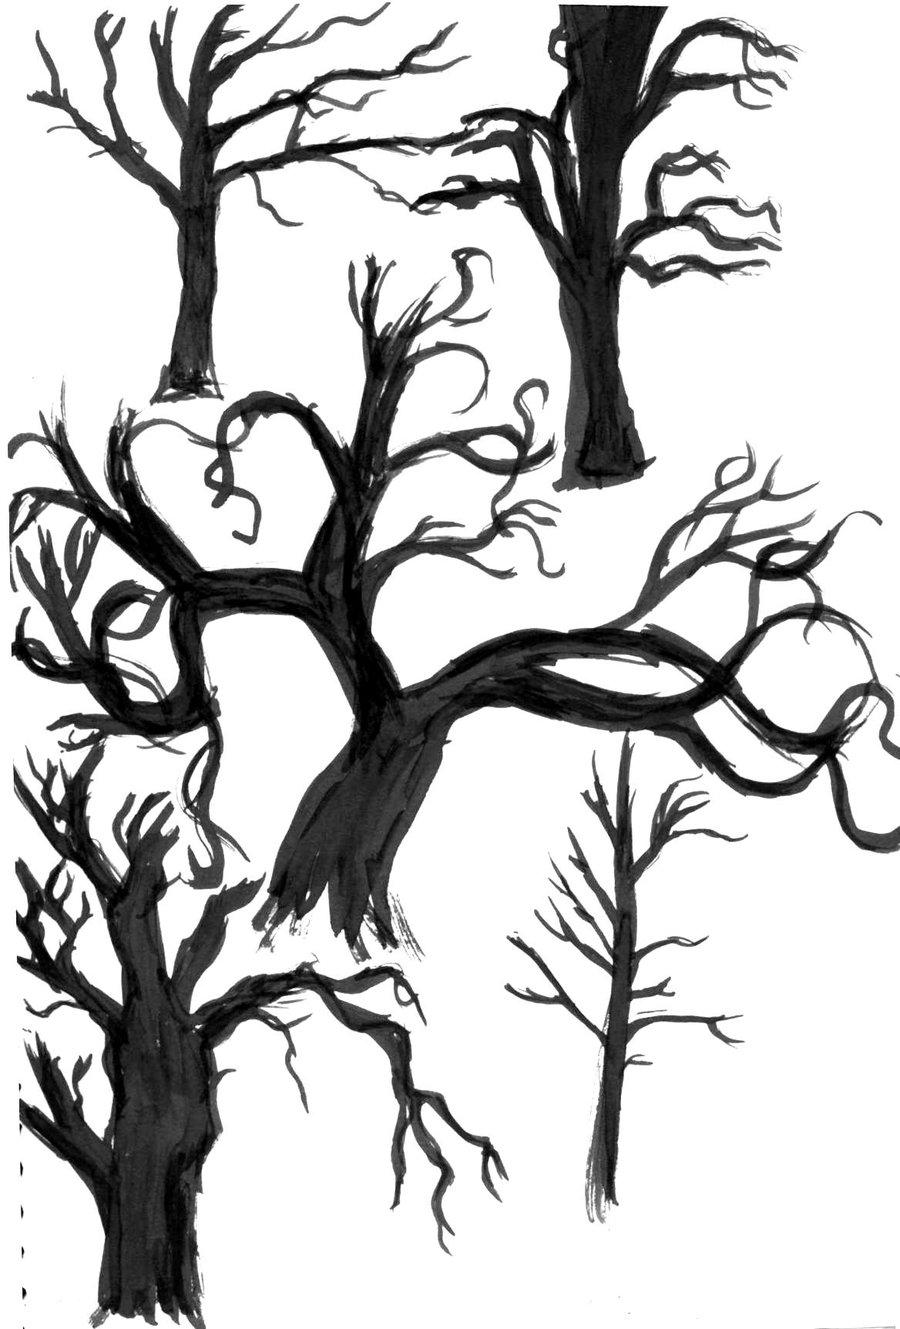 900x1329 Dead Tree Ink Paintings. By Risetothewake